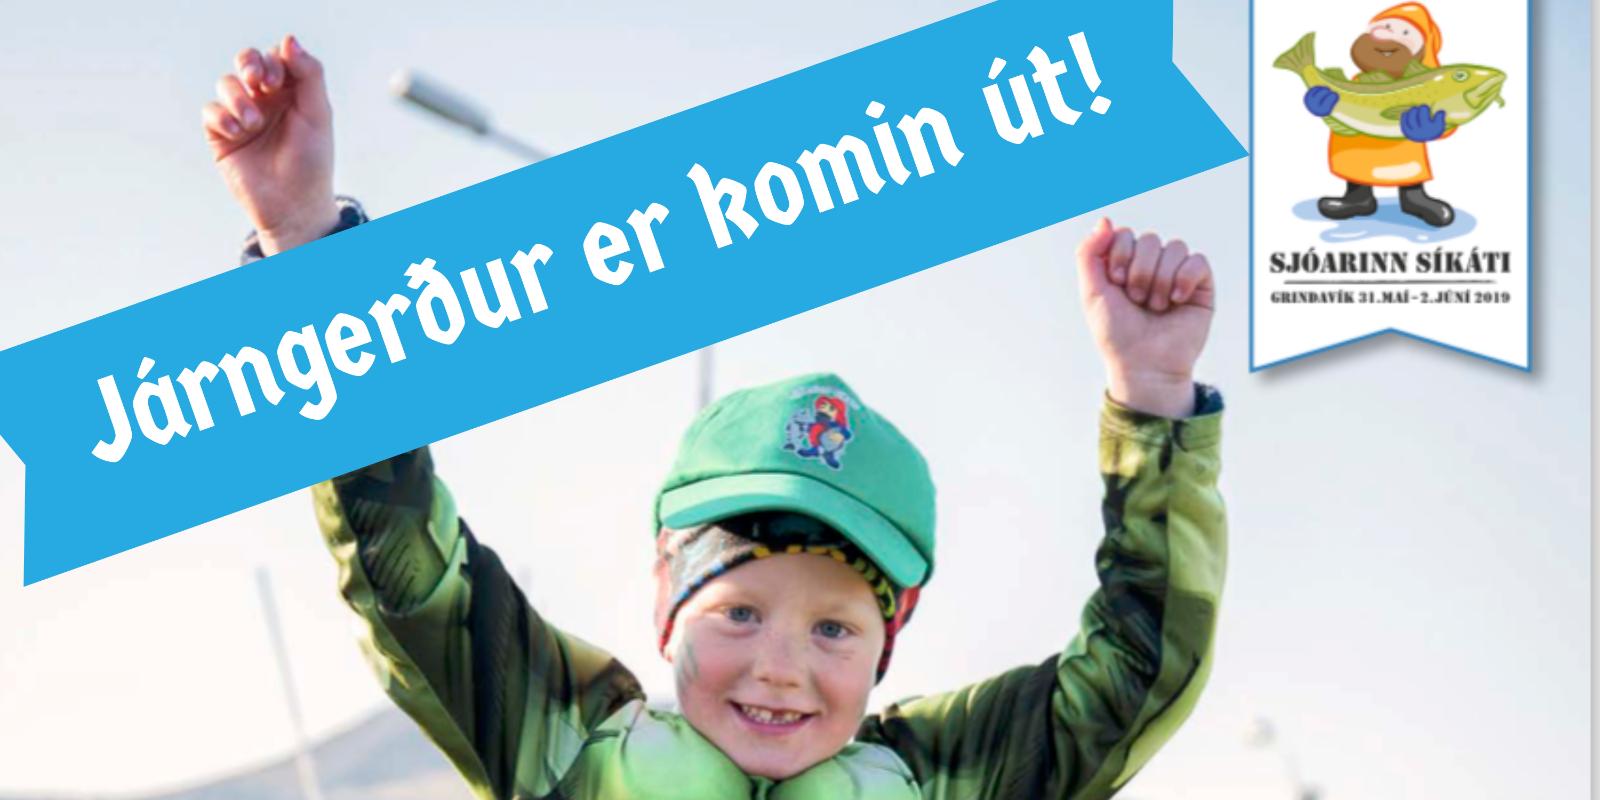 Járngerður er komin út - tileinkuð Sjóaranum síkáta